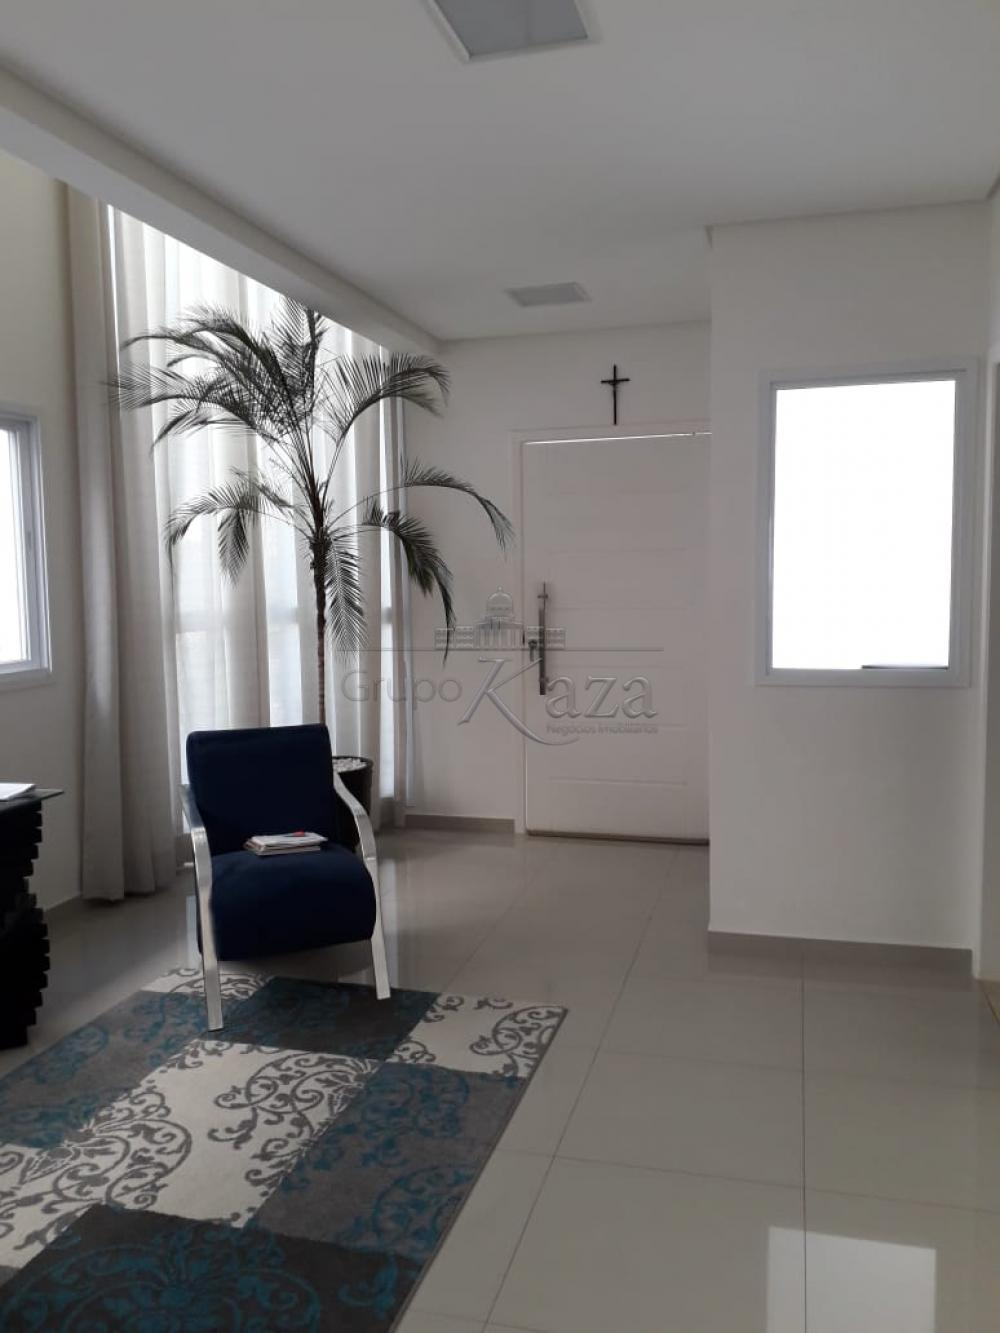 Comprar Casa / Condomínio em São José dos Campos apenas R$ 960.000,00 - Foto 3